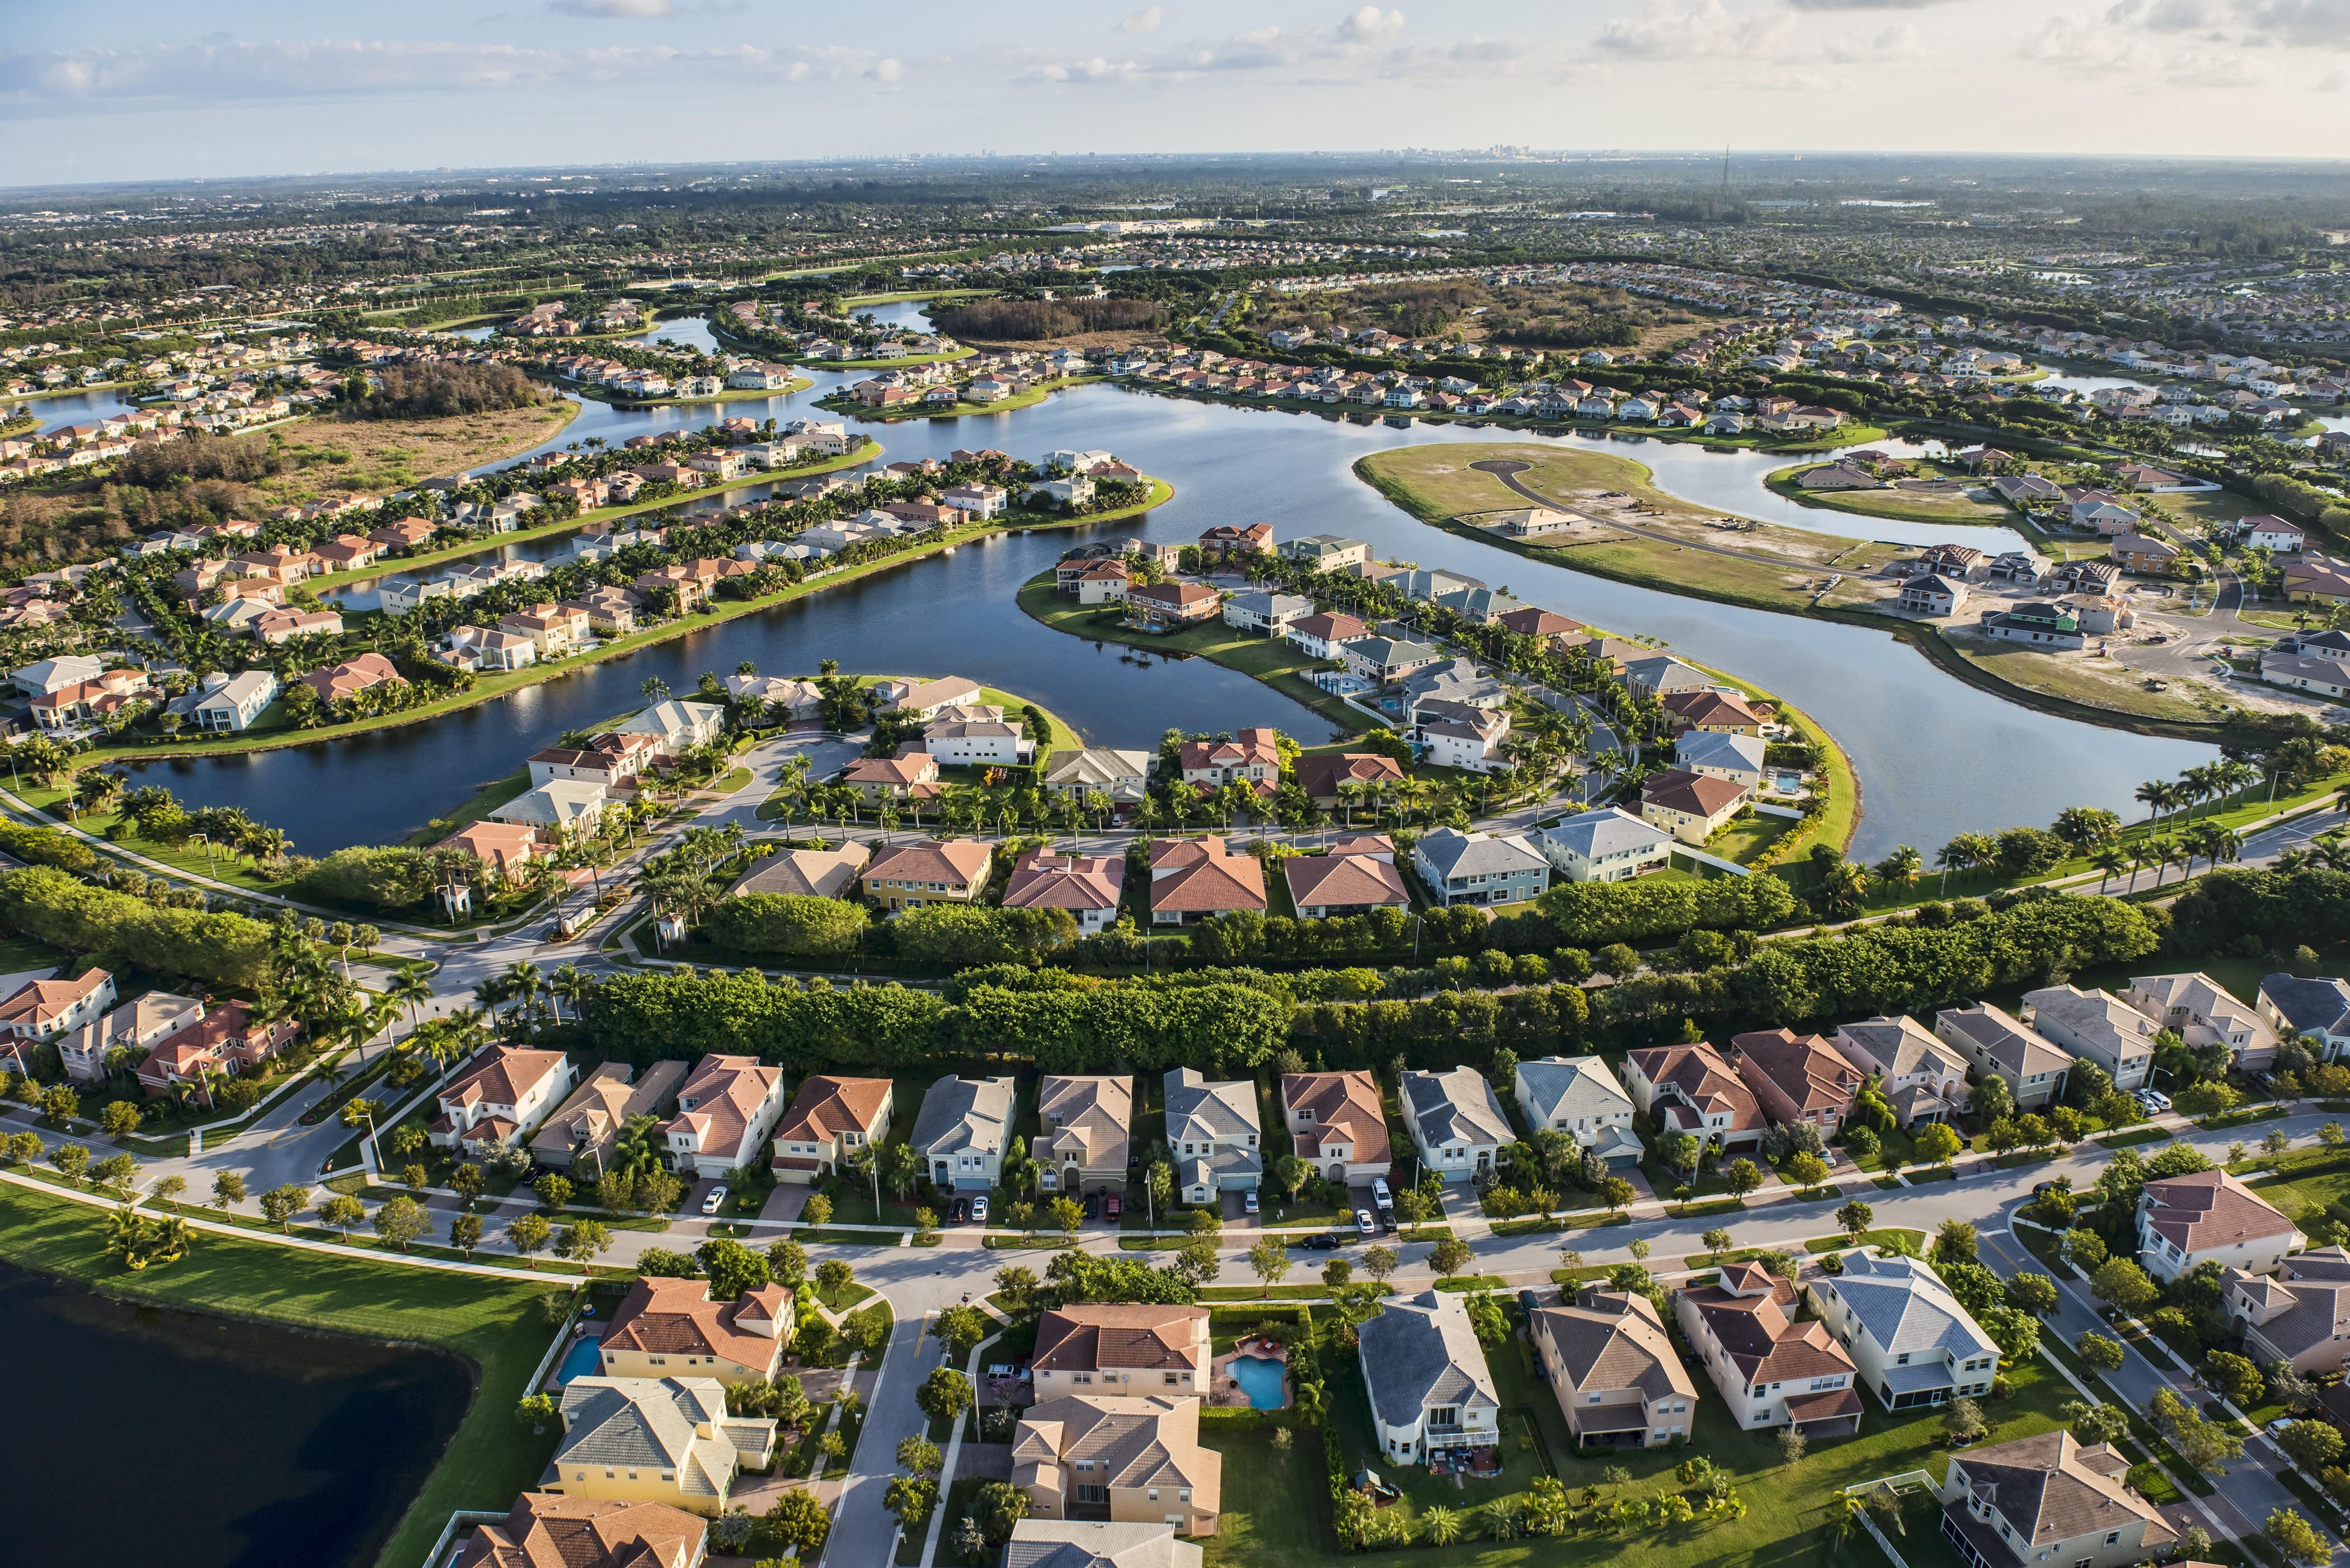 Condominium and HOA Management solutions